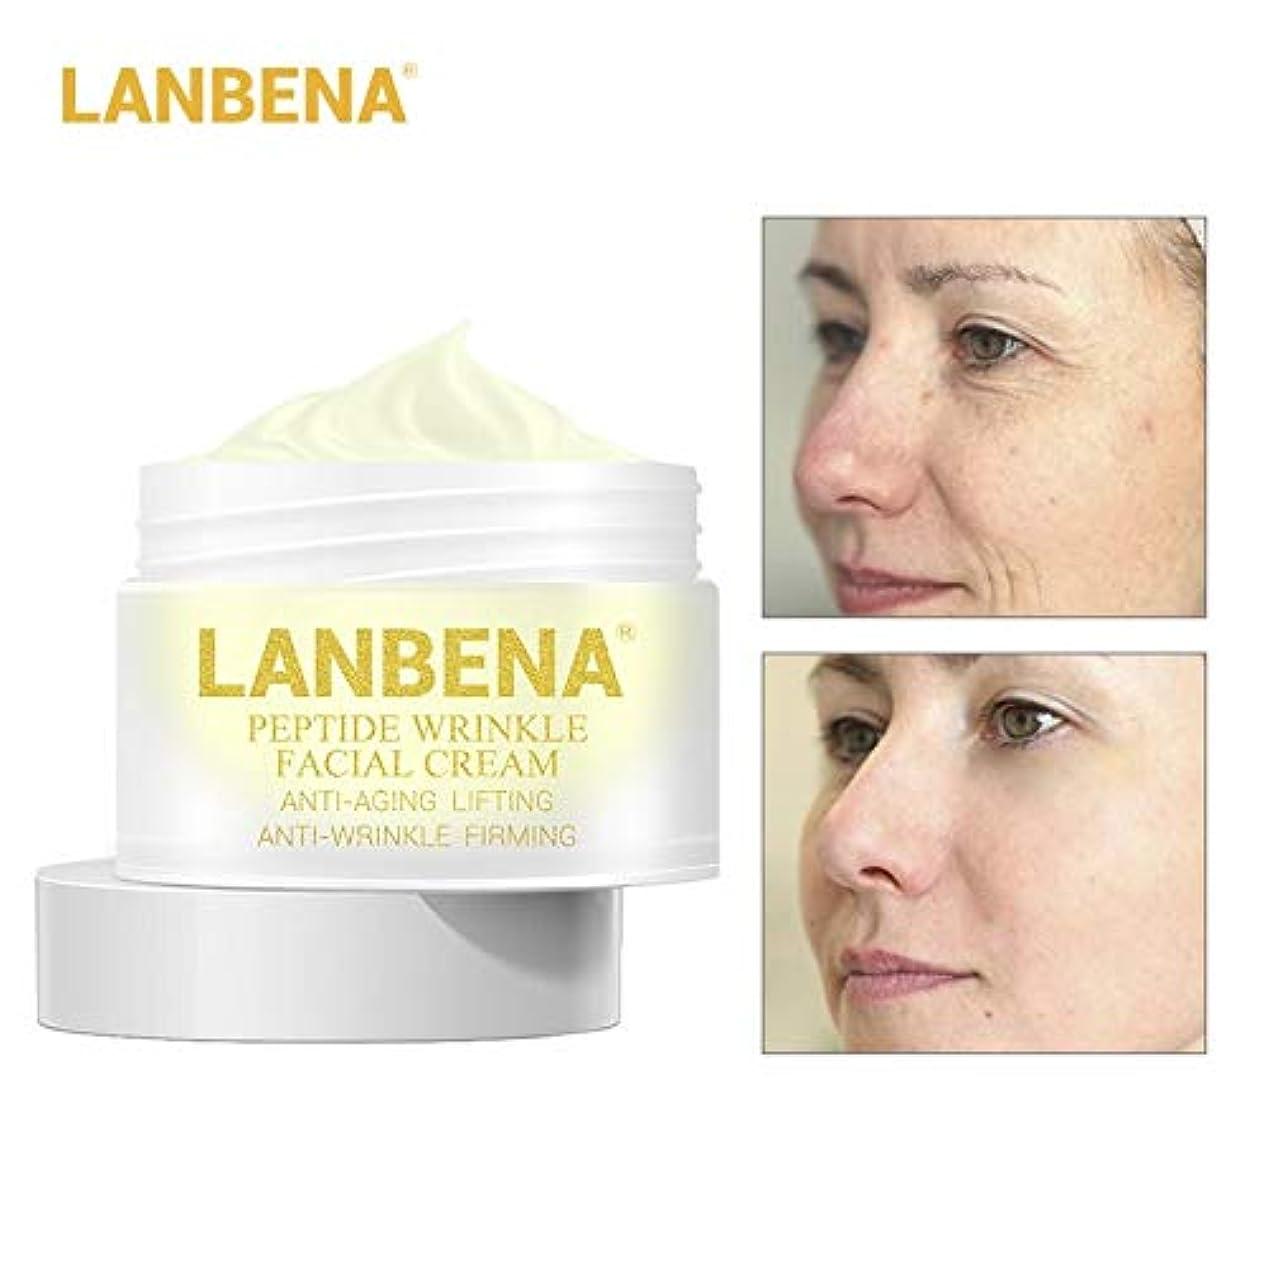 実行あらゆる種類の掃くフェイスクリームケア鼻唇溝ディープ水分補給フェイシャルクリームを-firming LANBENAブランドペプチドアンチしわ